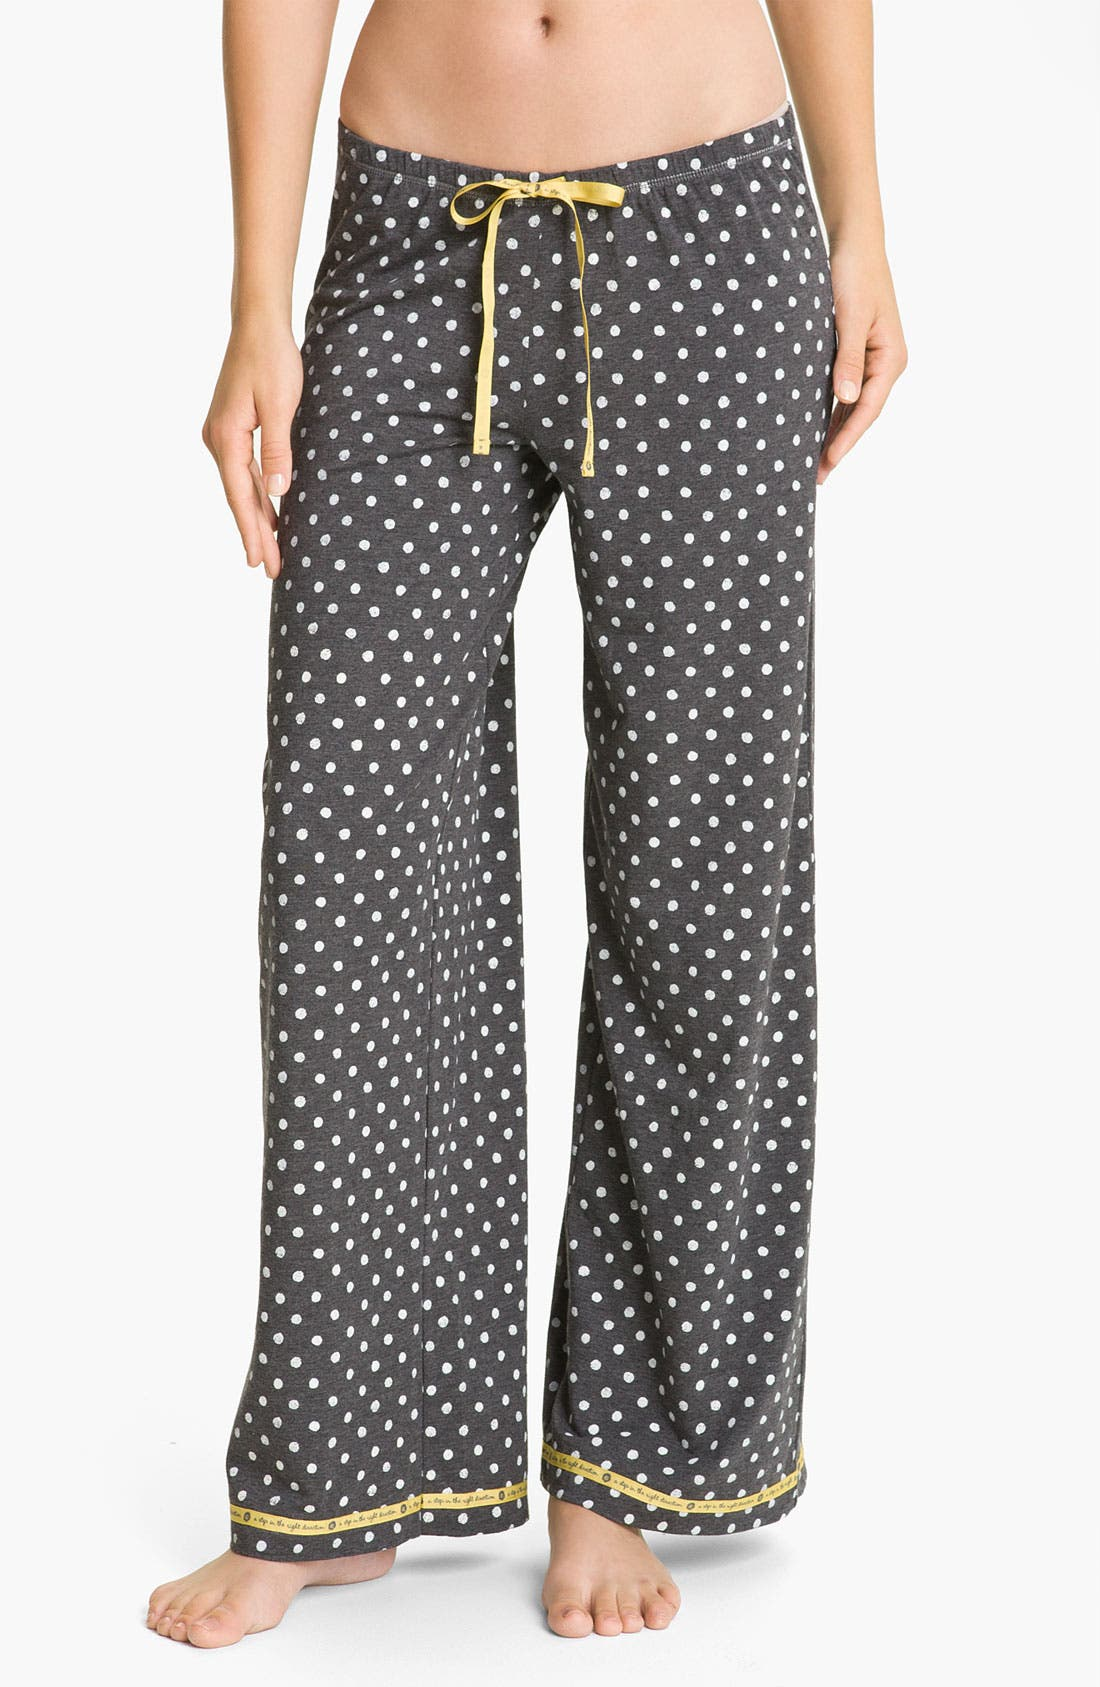 Alternate Image 1 Selected - Hue 'Watercolor Dot' Pajama Pants